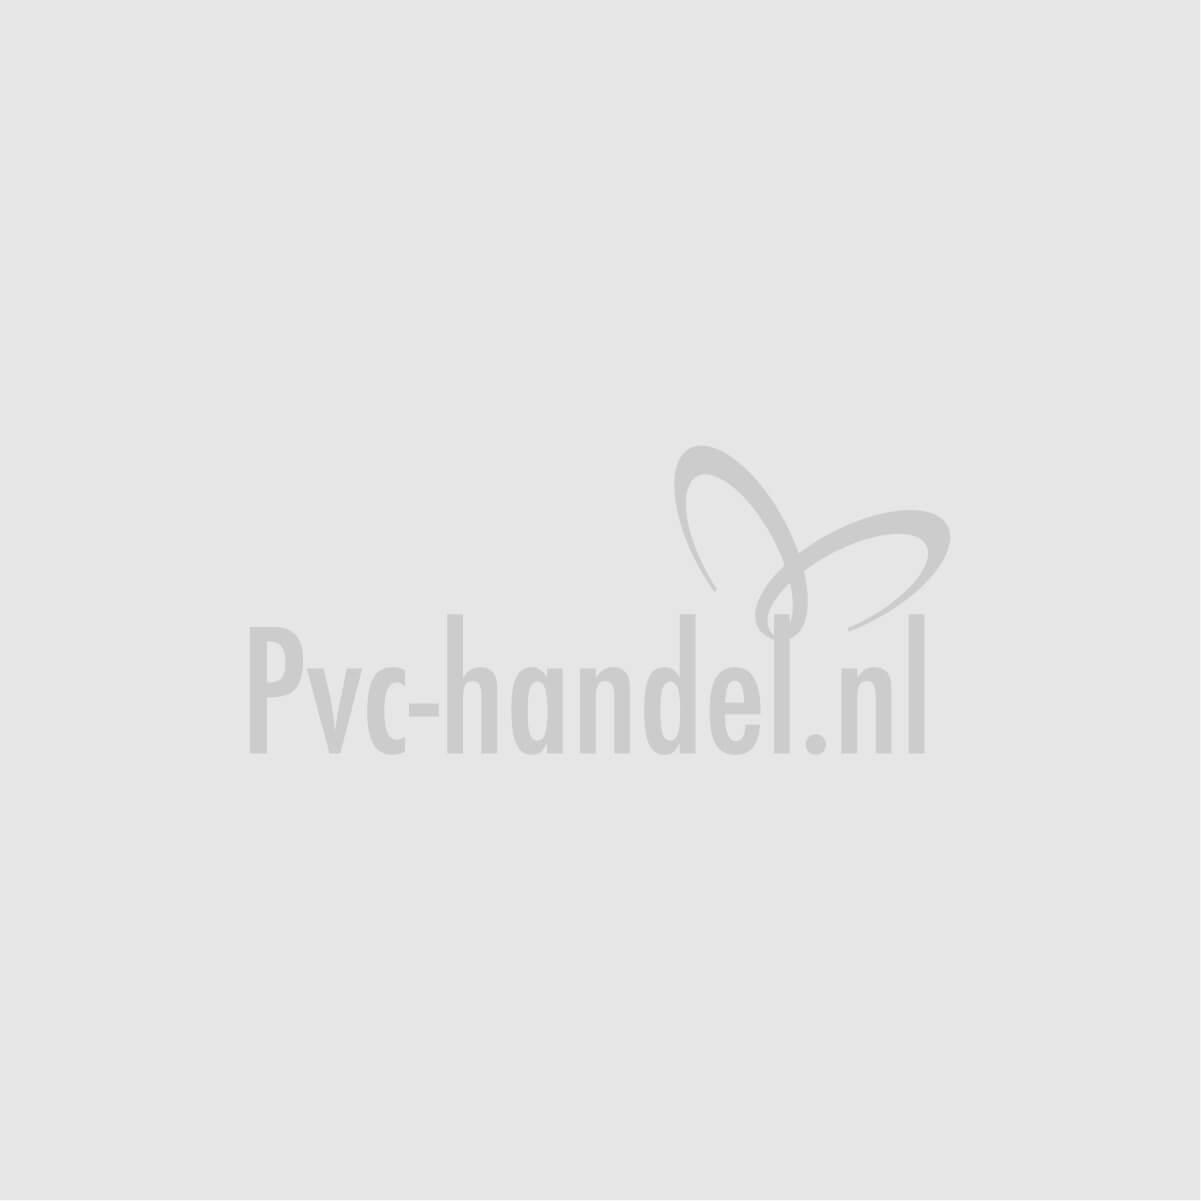 PVC lijmkappen